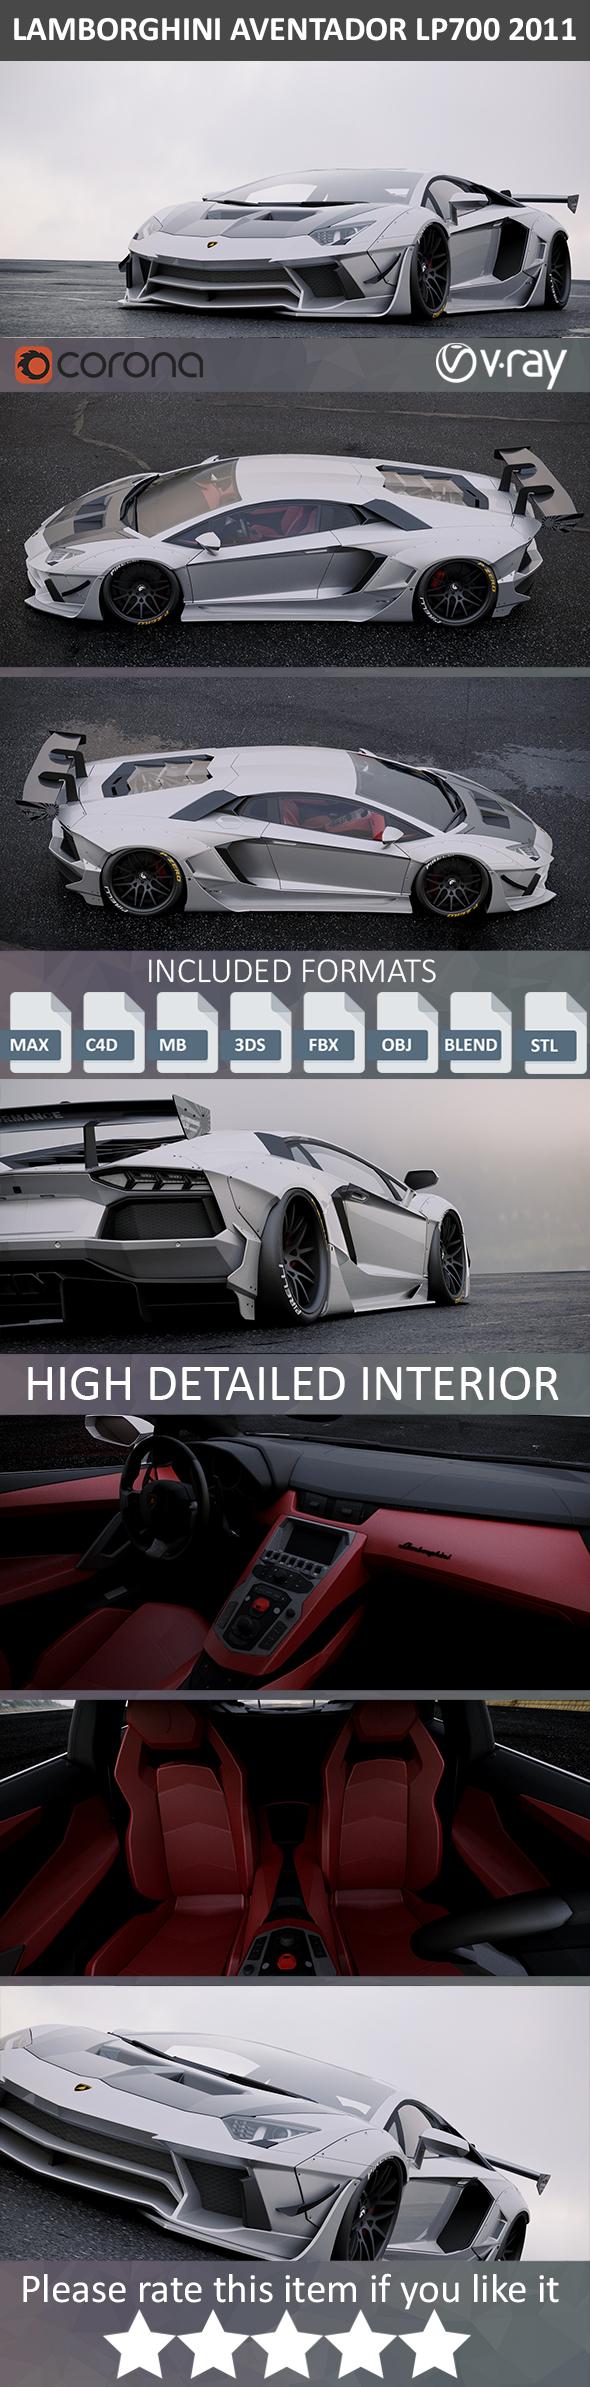 Lamborghini Aventador Custom 2011